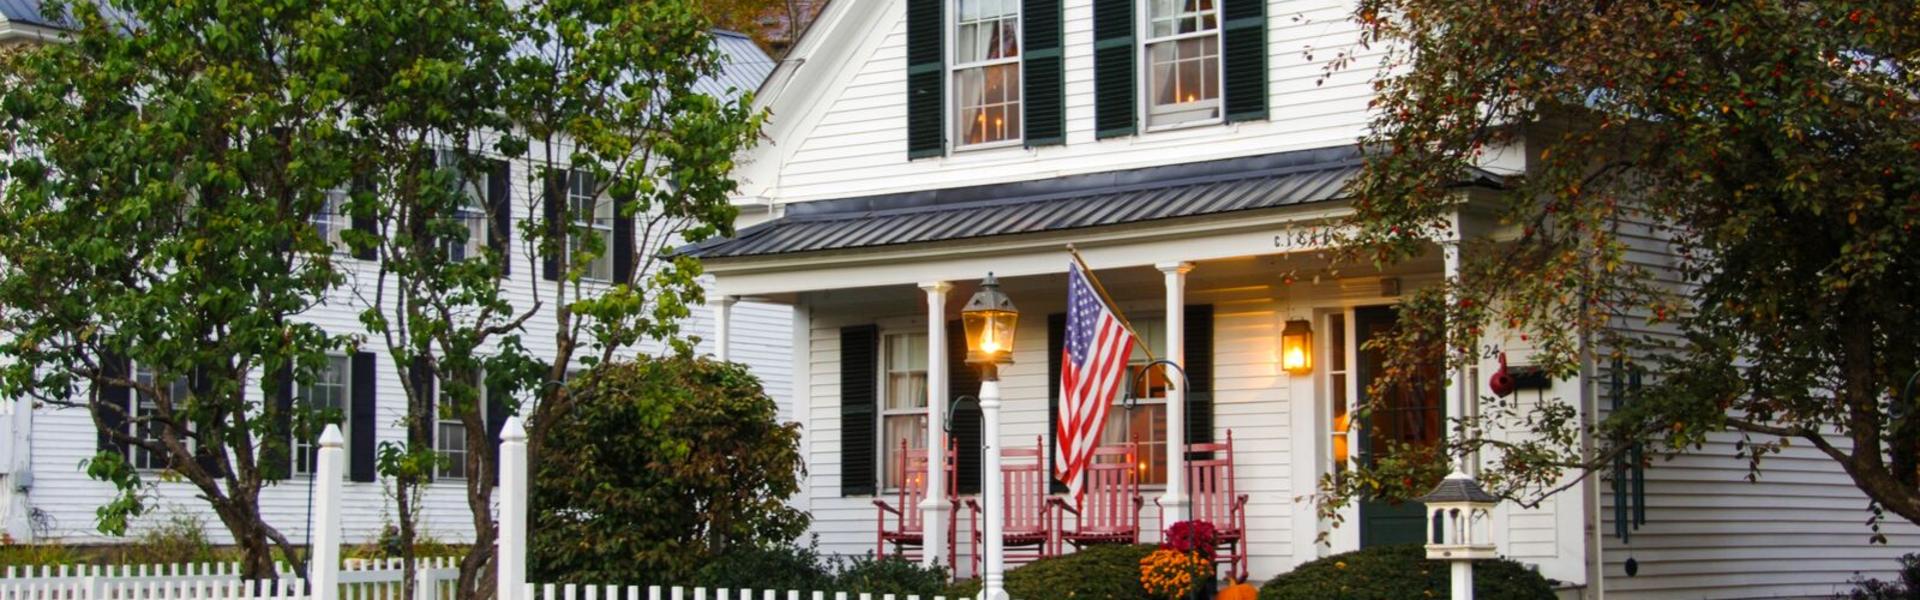 Keller Williams Newtown's Open Houses September 21 – September 22